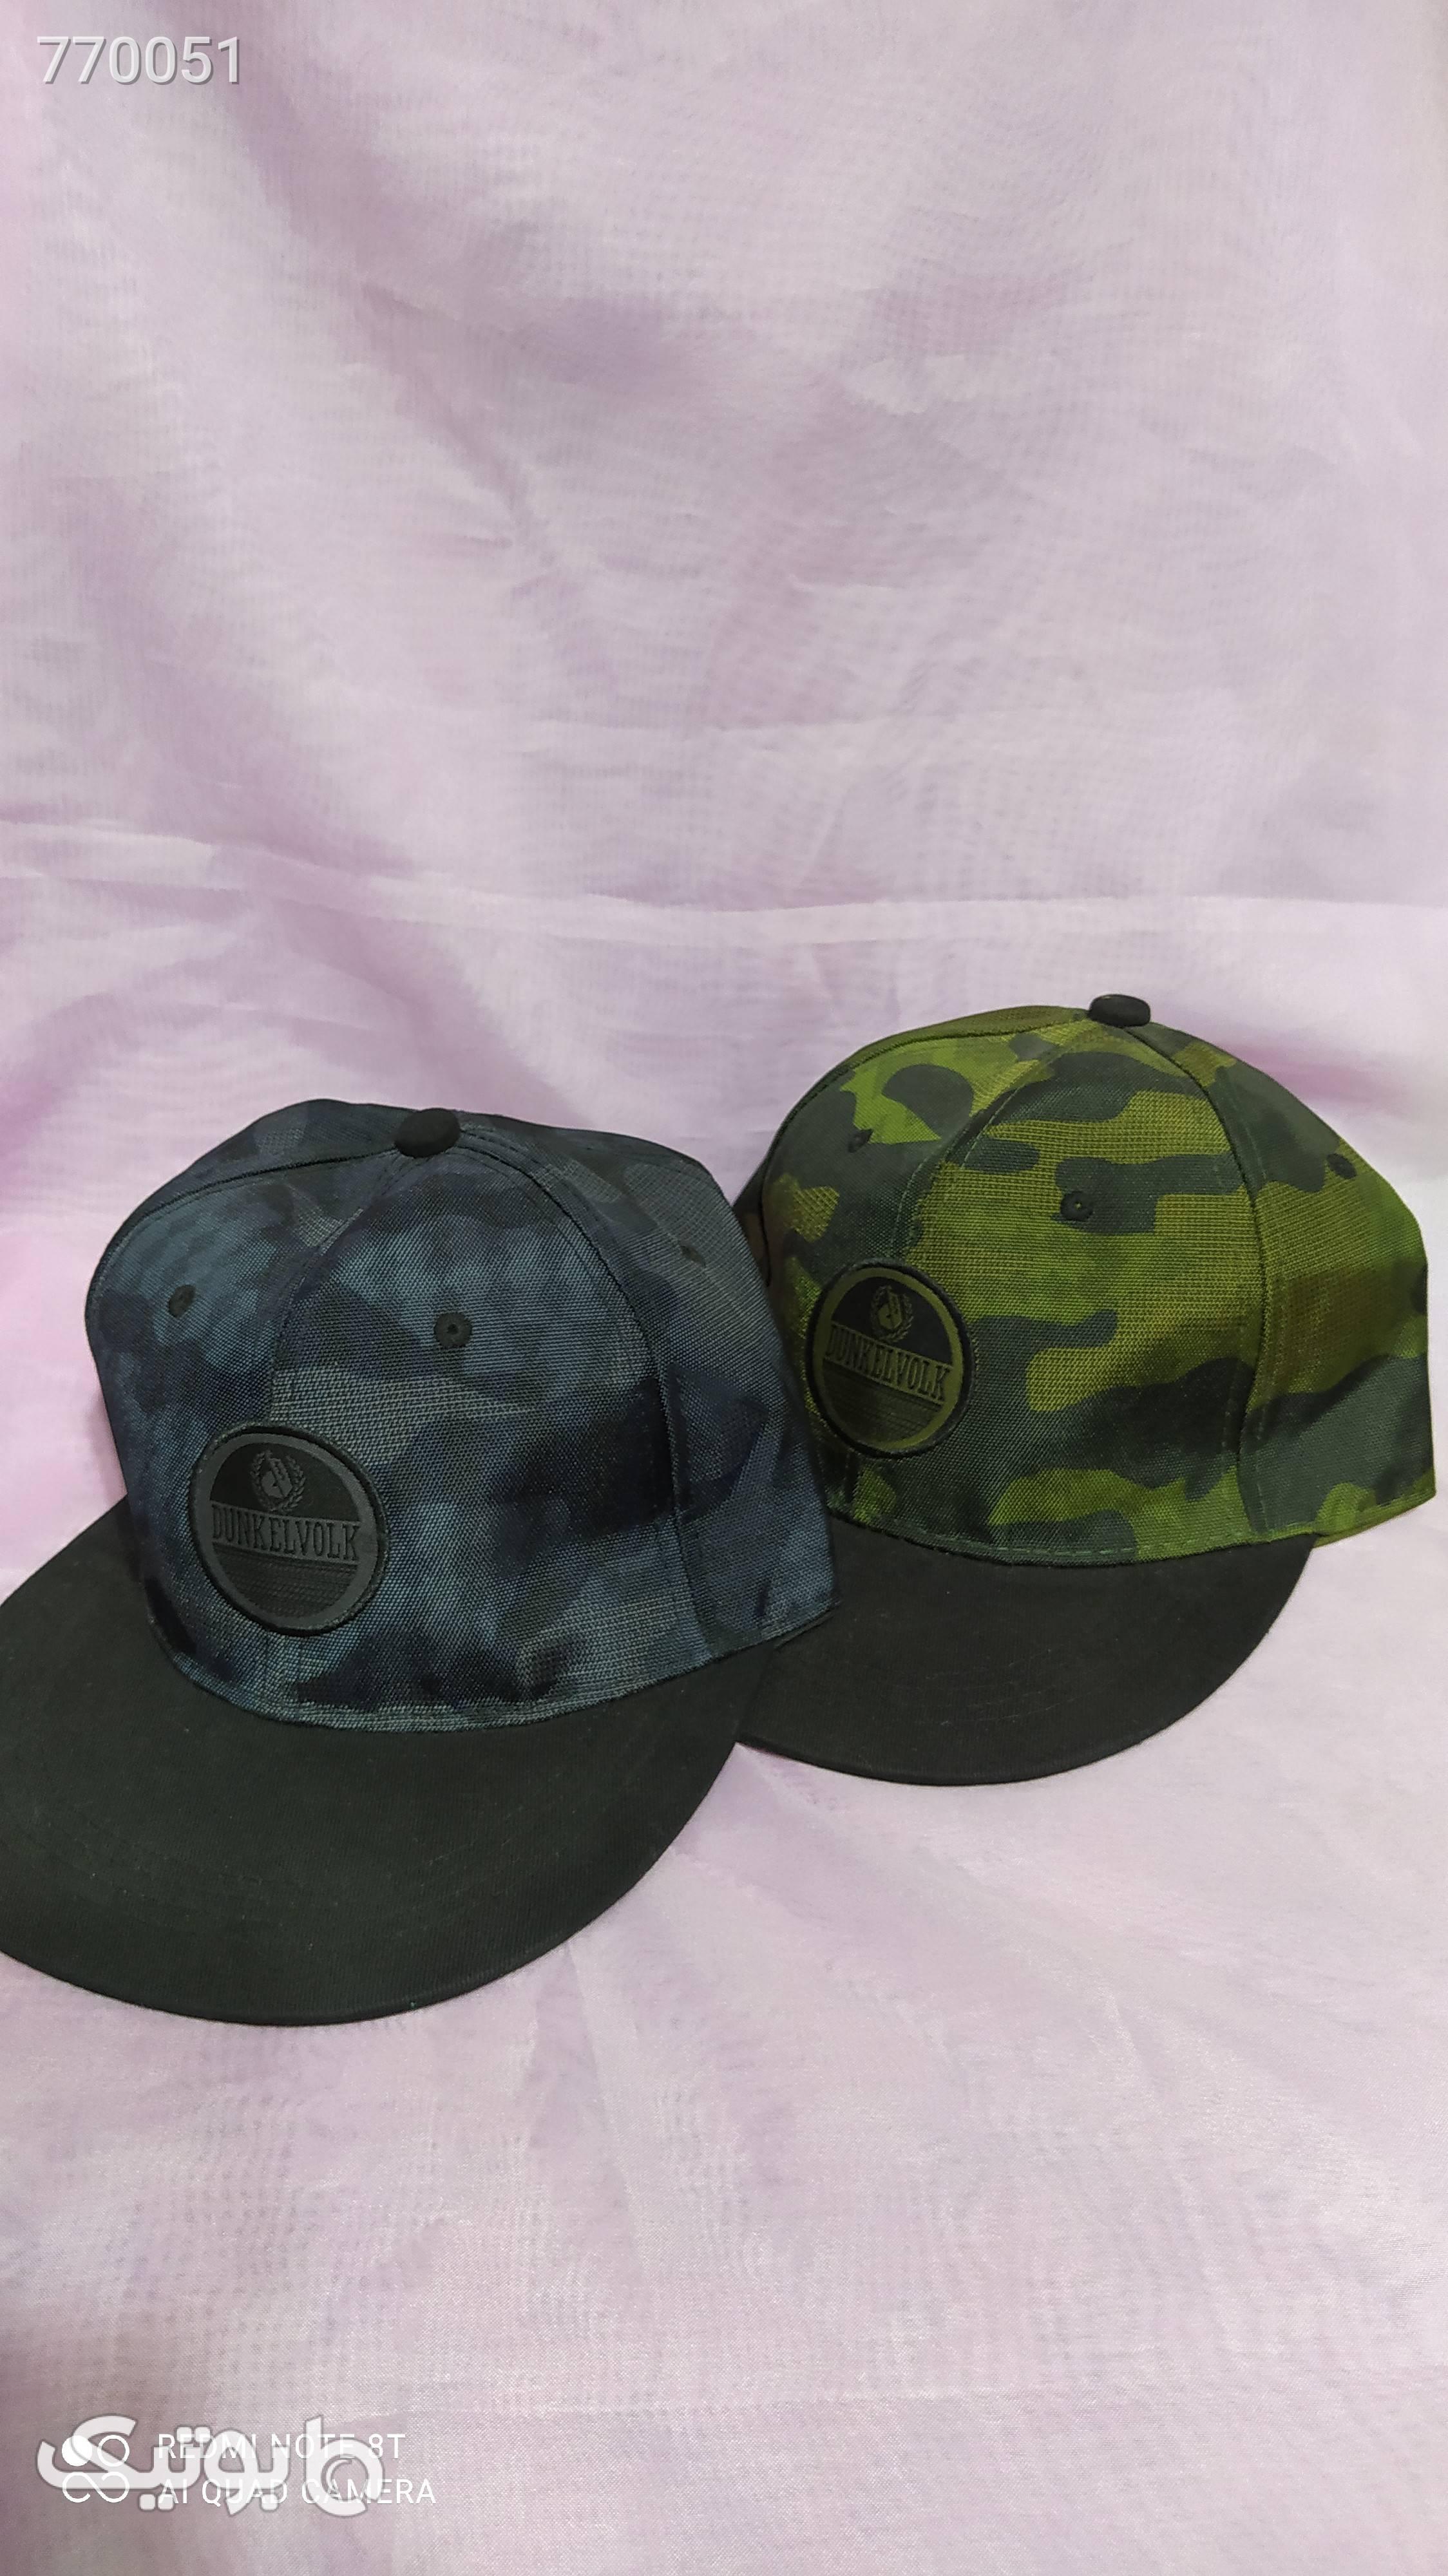 کلاه گپ اسپرت سبز کلاه و اسکارف